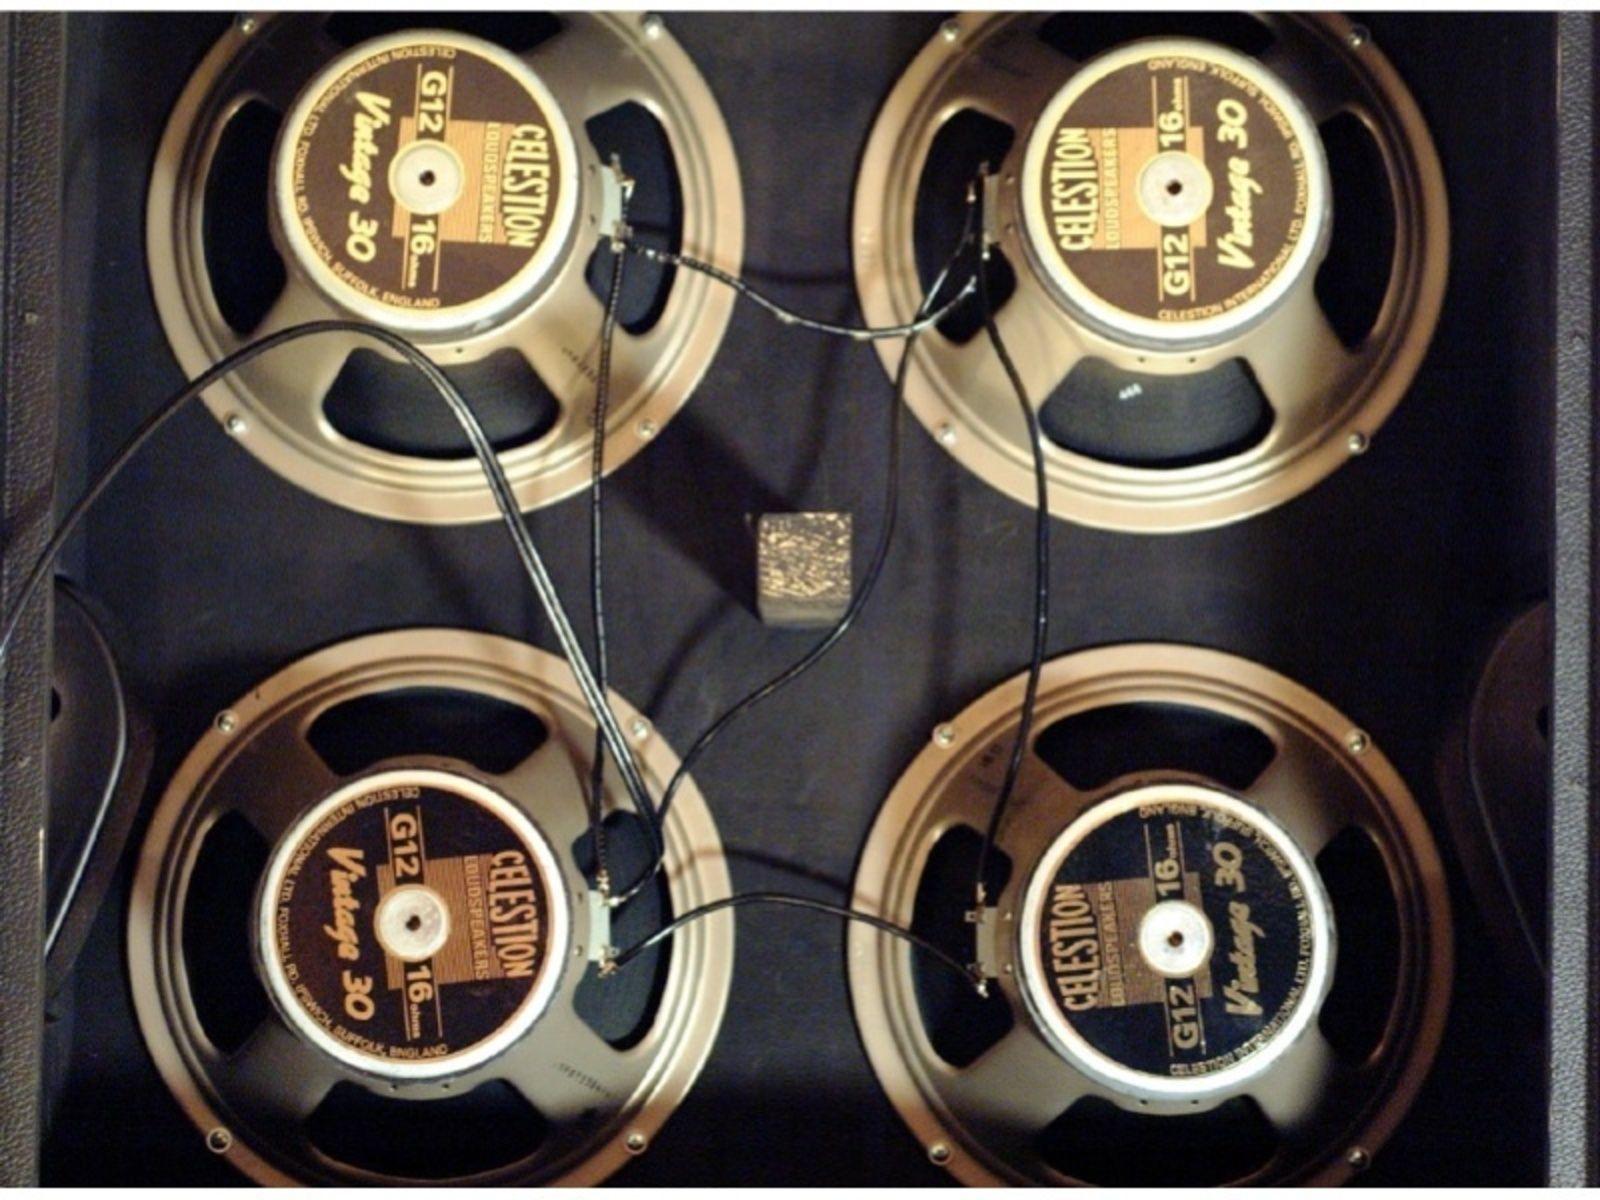 celestion vintage 30 8 ohms image 8659 audiofanzine. Black Bedroom Furniture Sets. Home Design Ideas